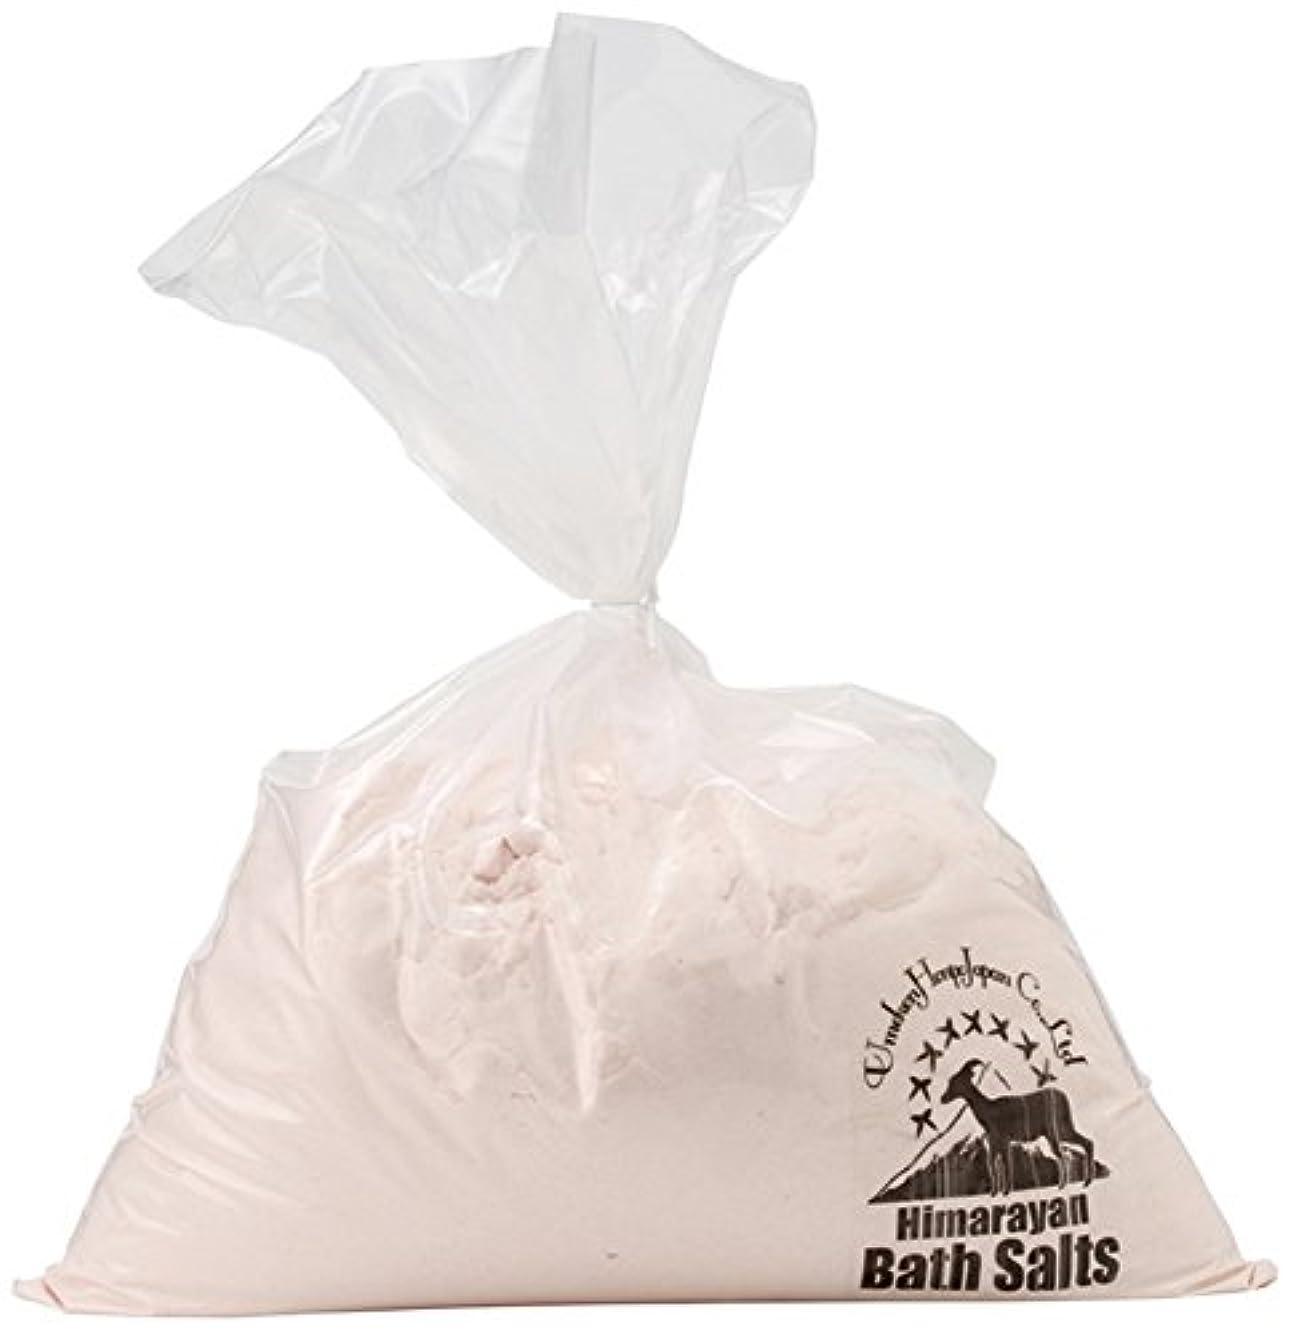 レパートリー抜け目のない妥協ヒマラヤ岩塩 バスソルト ピンク パウダー 10kg